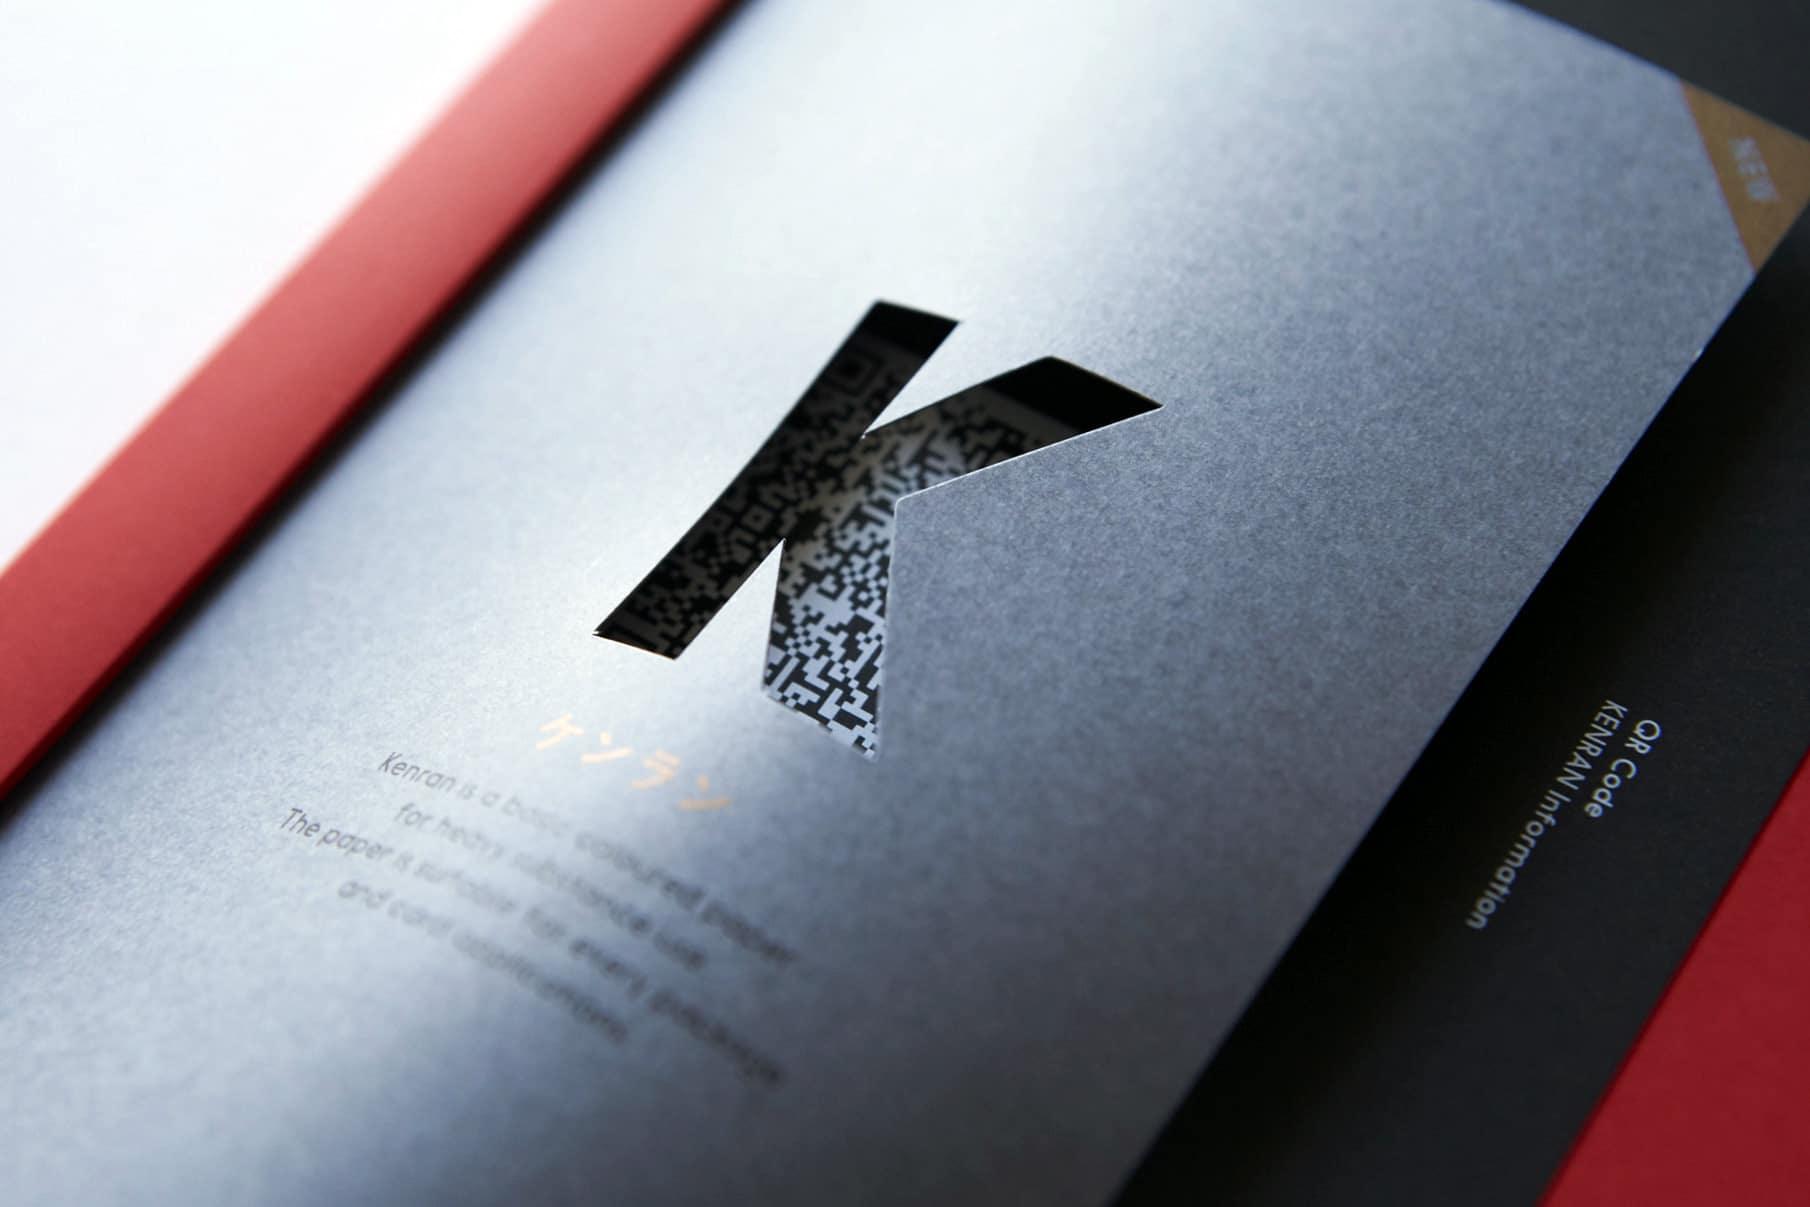 KENRAN - Promotion Book 6